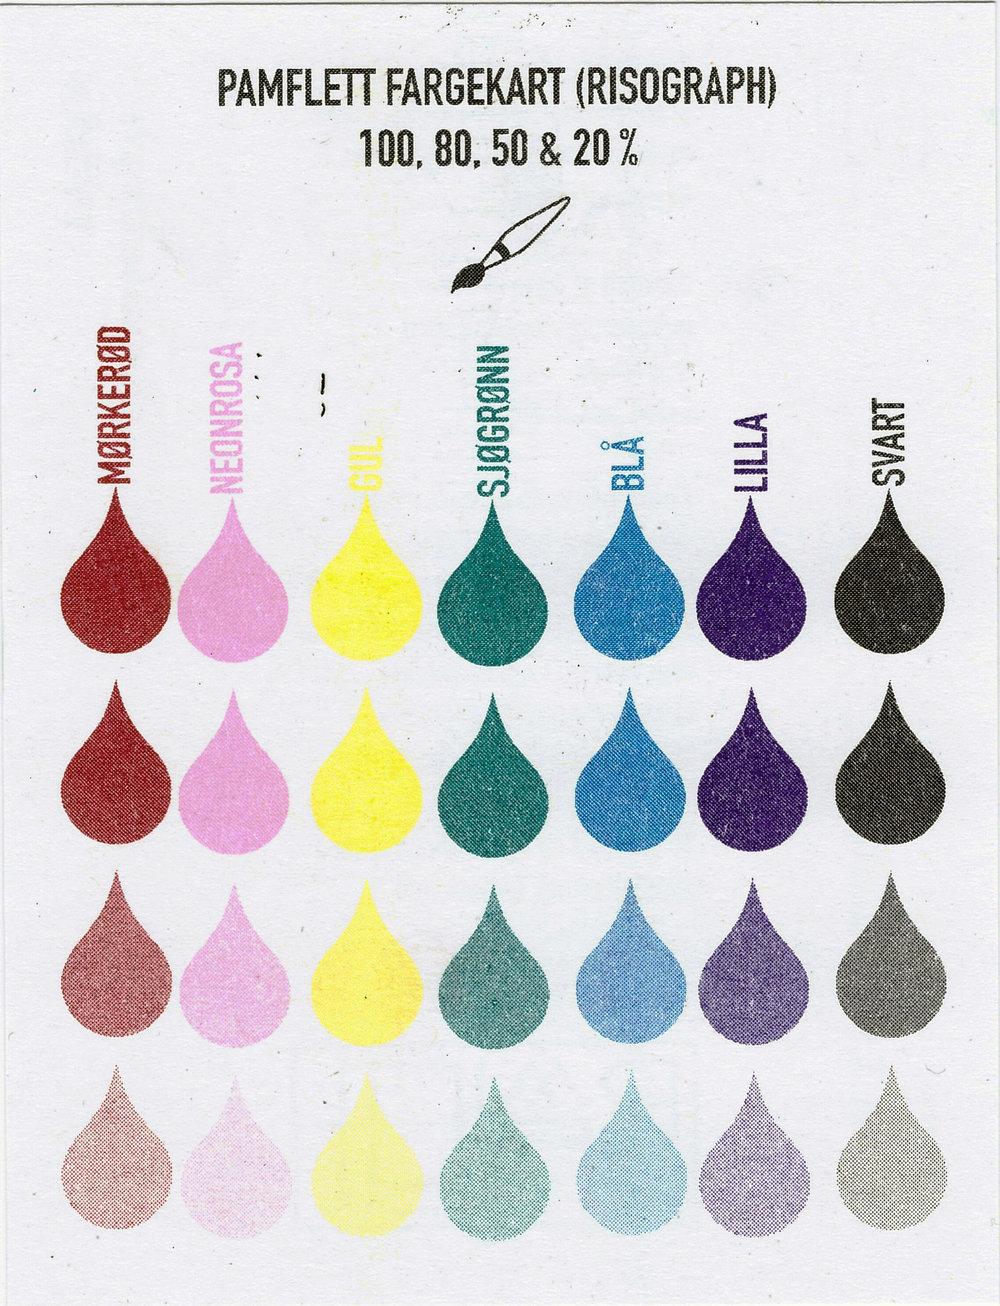 Pamflett har disse fargene tilgjengelig: Marine red (mørkerød), Fluorescent Pink (neonrosa), Yellow, Teal (sjøgrønn), Neon green, Blue, Purple og Black.